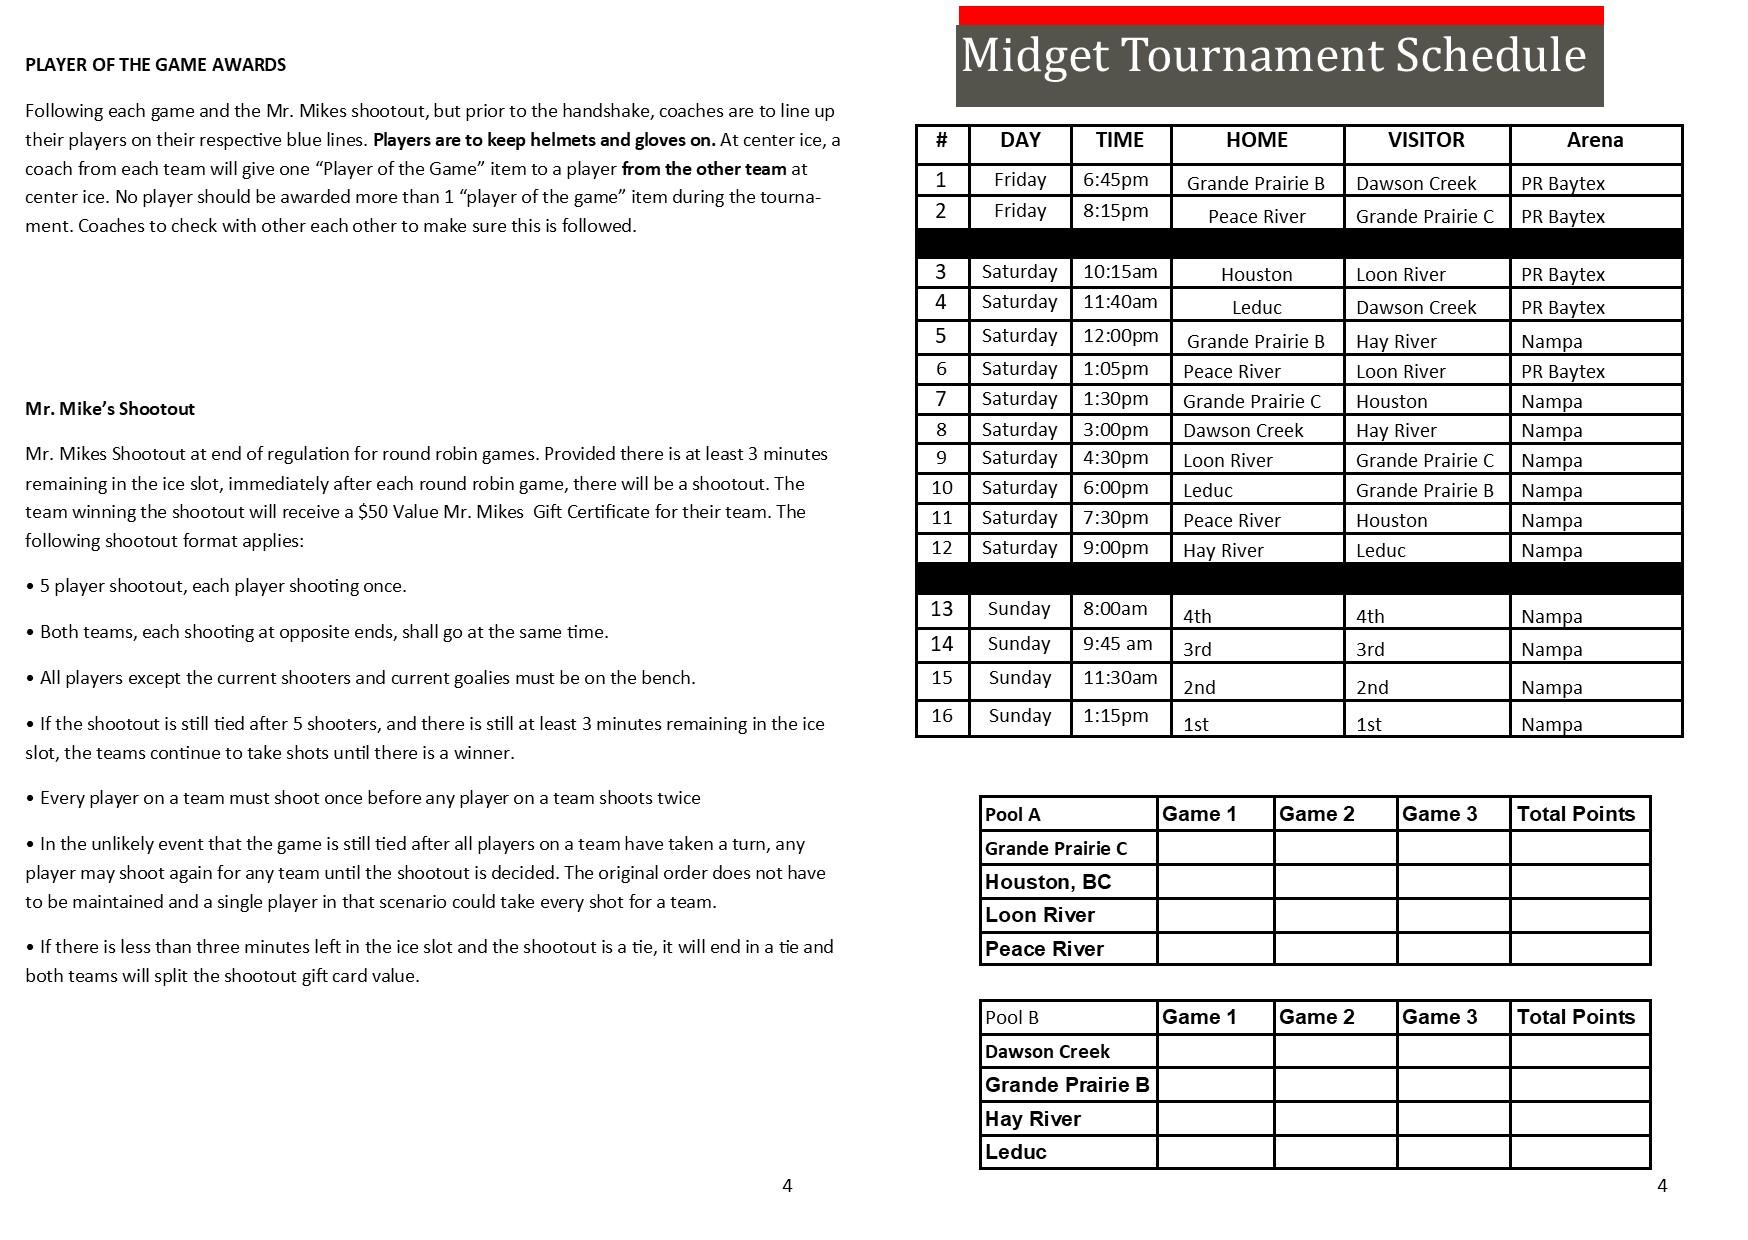 PRMHA Midget Schedule